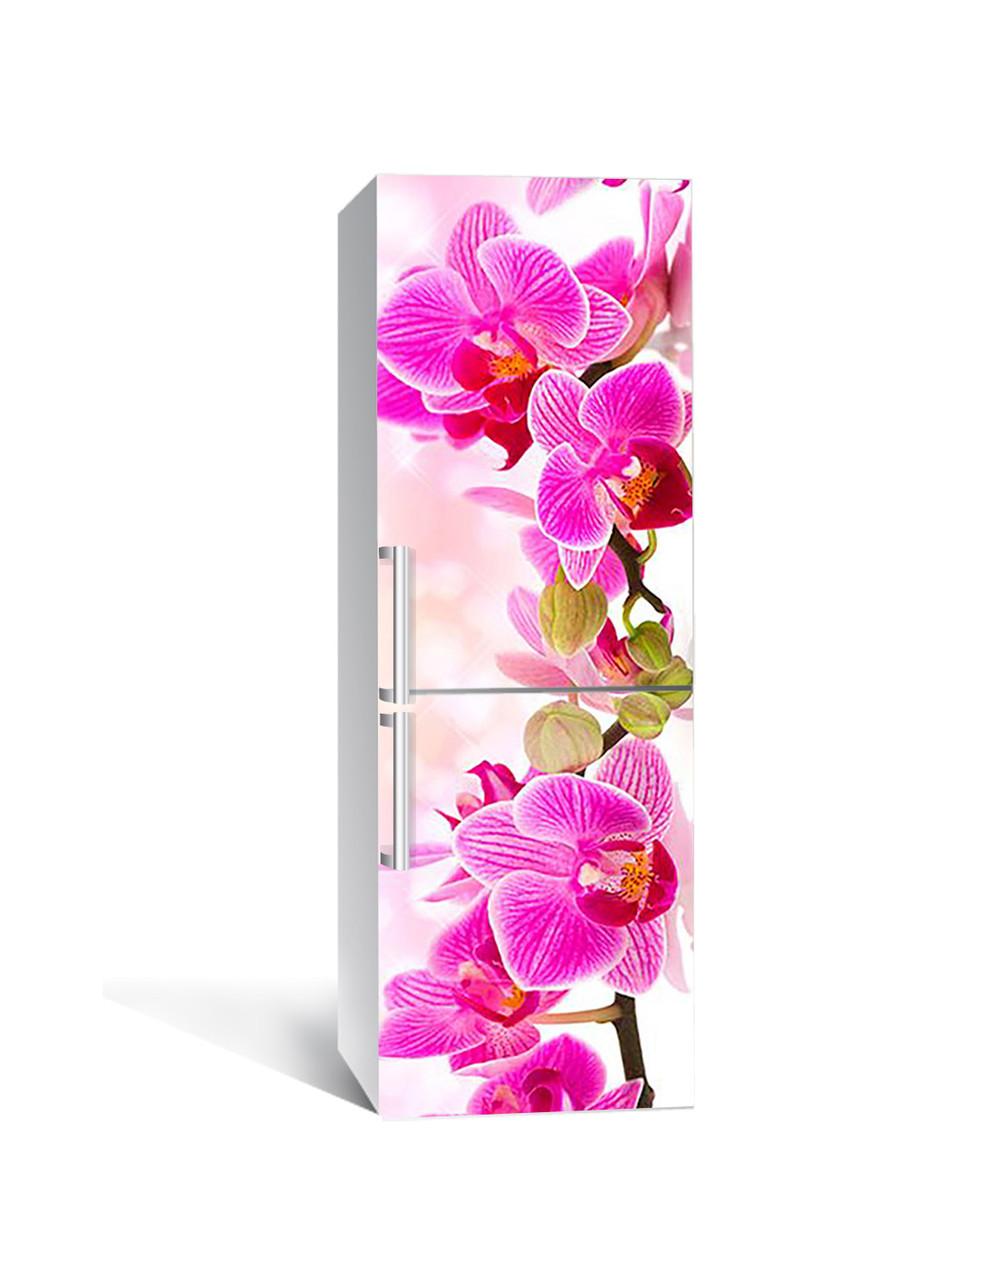 Вінілова наклейка на холодильник Рожева Орхідея самоклеюча ламінована плівка ПВХ великі квіти